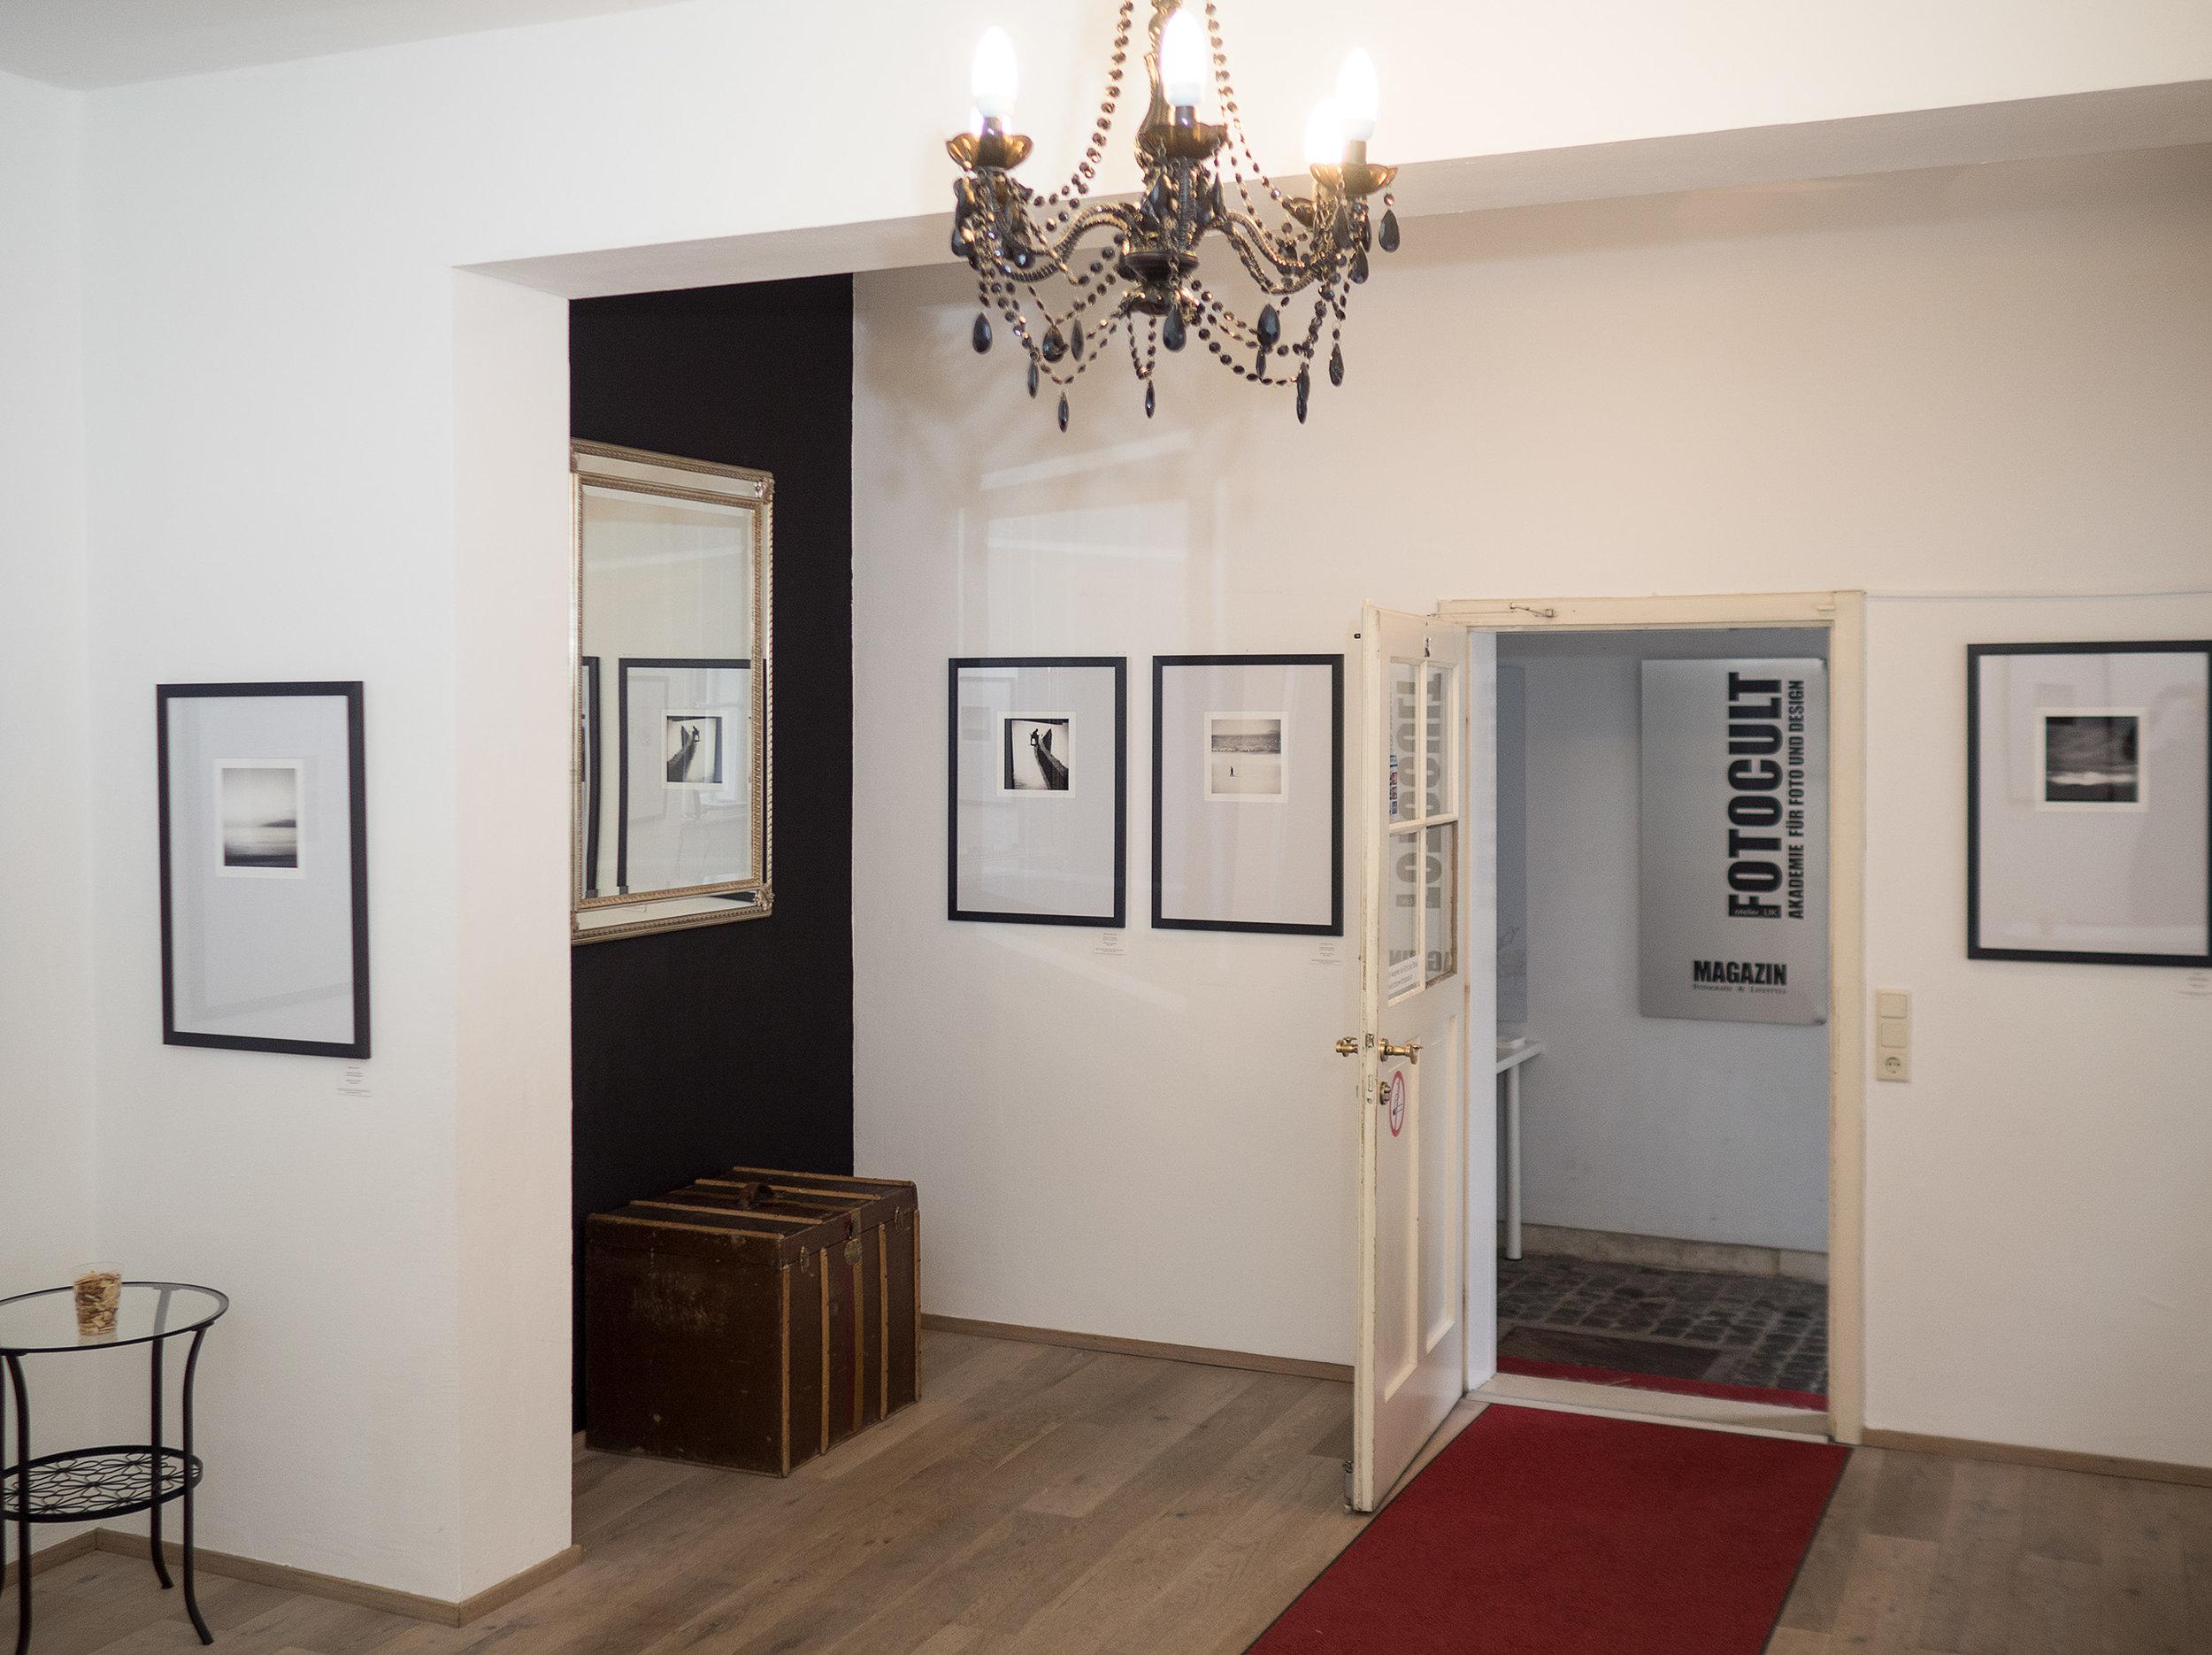 Galerie_LIK_deAngelis030.jpg